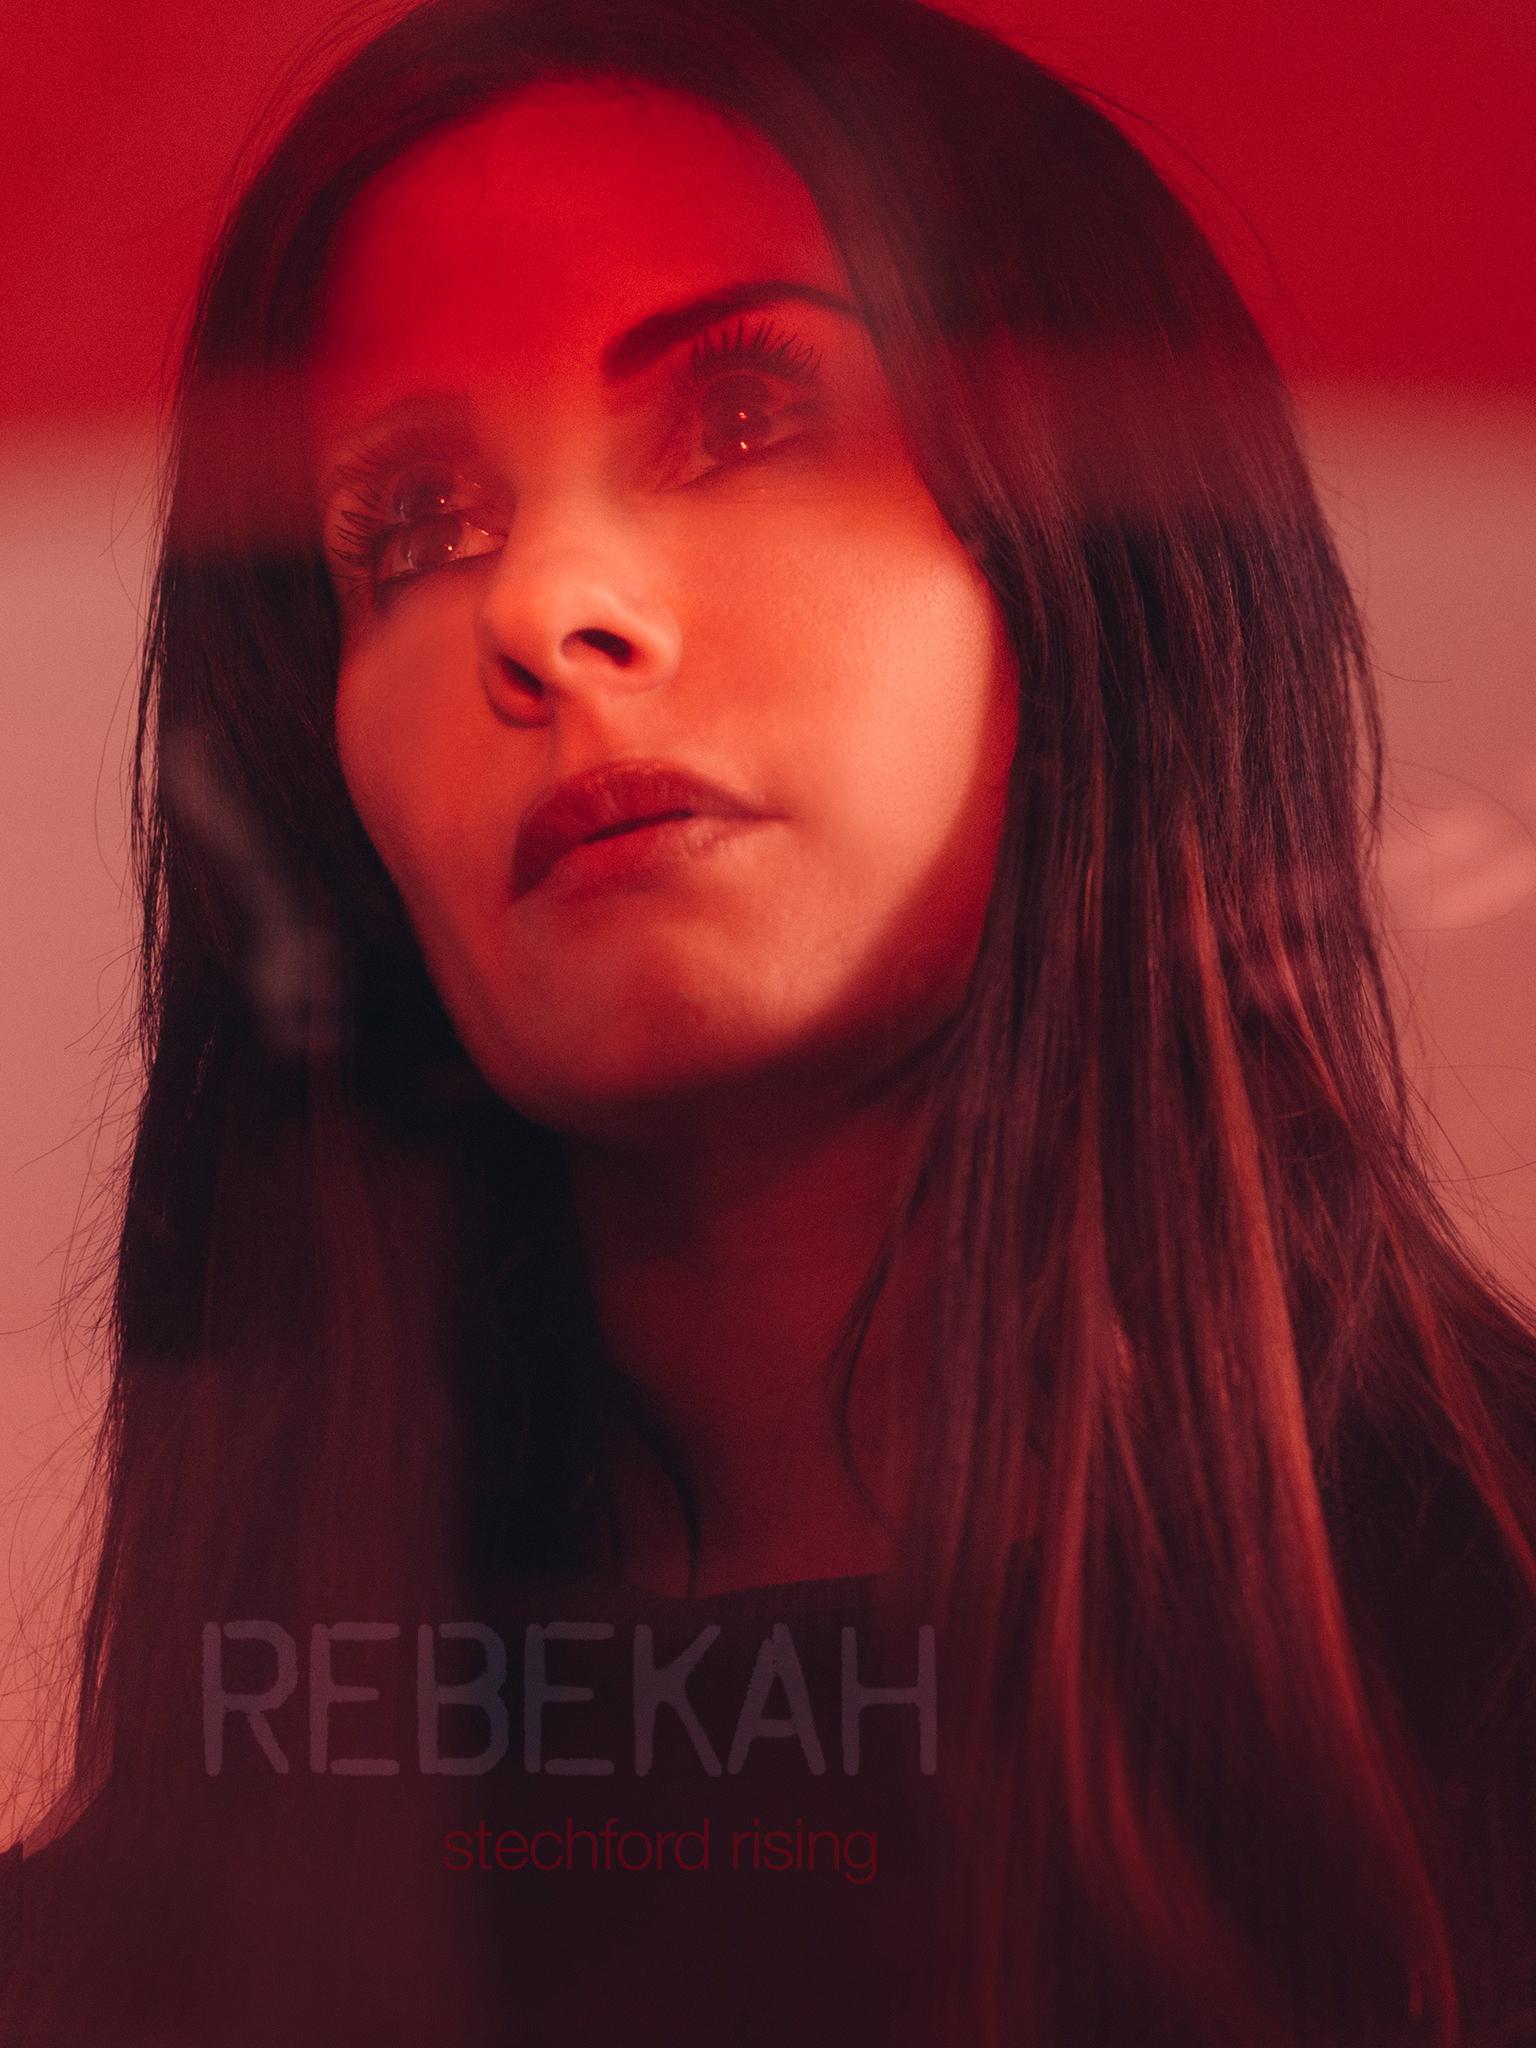 Rebekah: Stechford rising